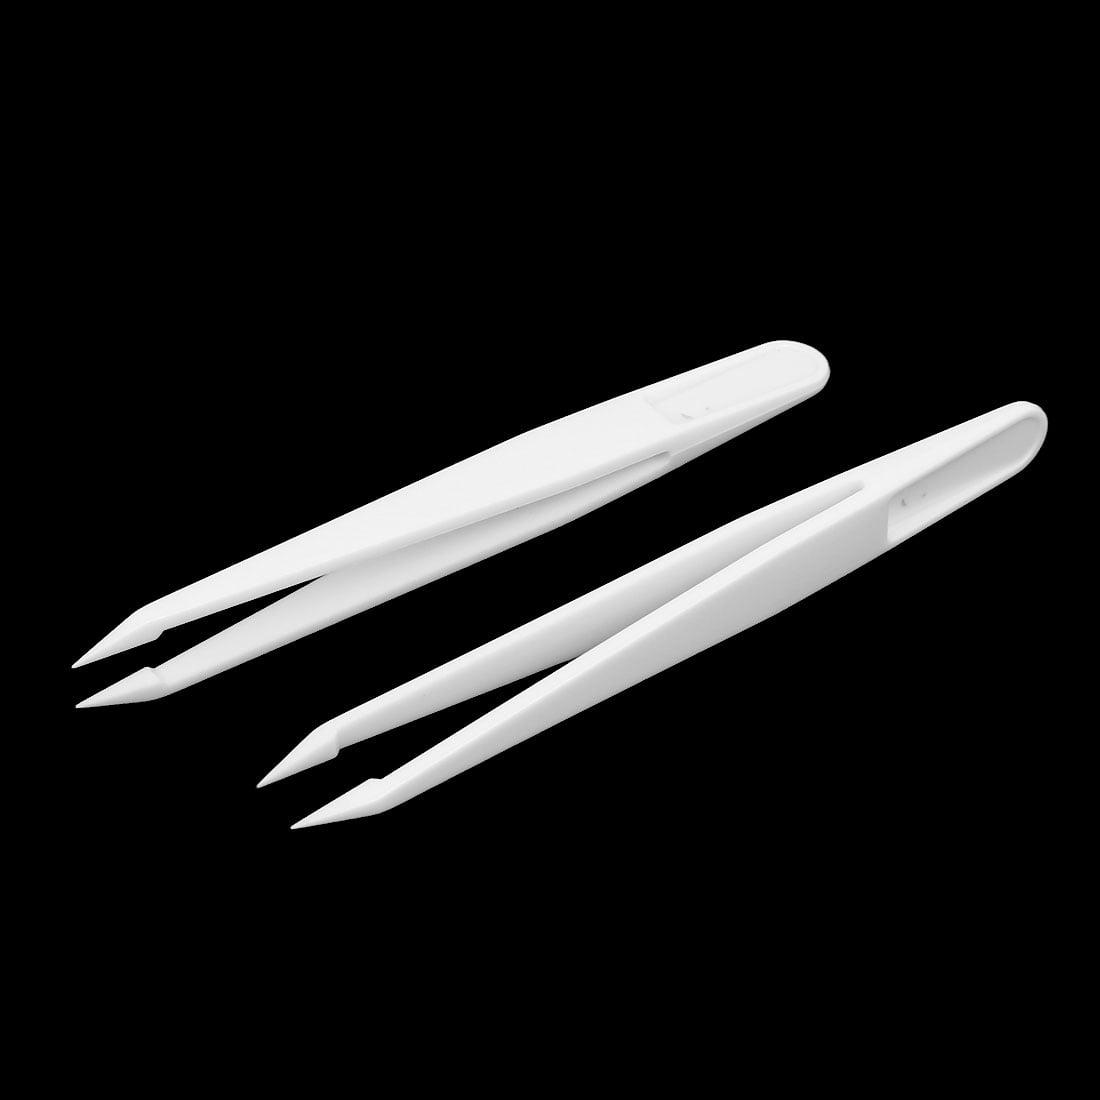 Plastic Pointed Tip Anti-static Tweezers Repairing Hand Tool 115mm Long 5pcs - image 1 de 3